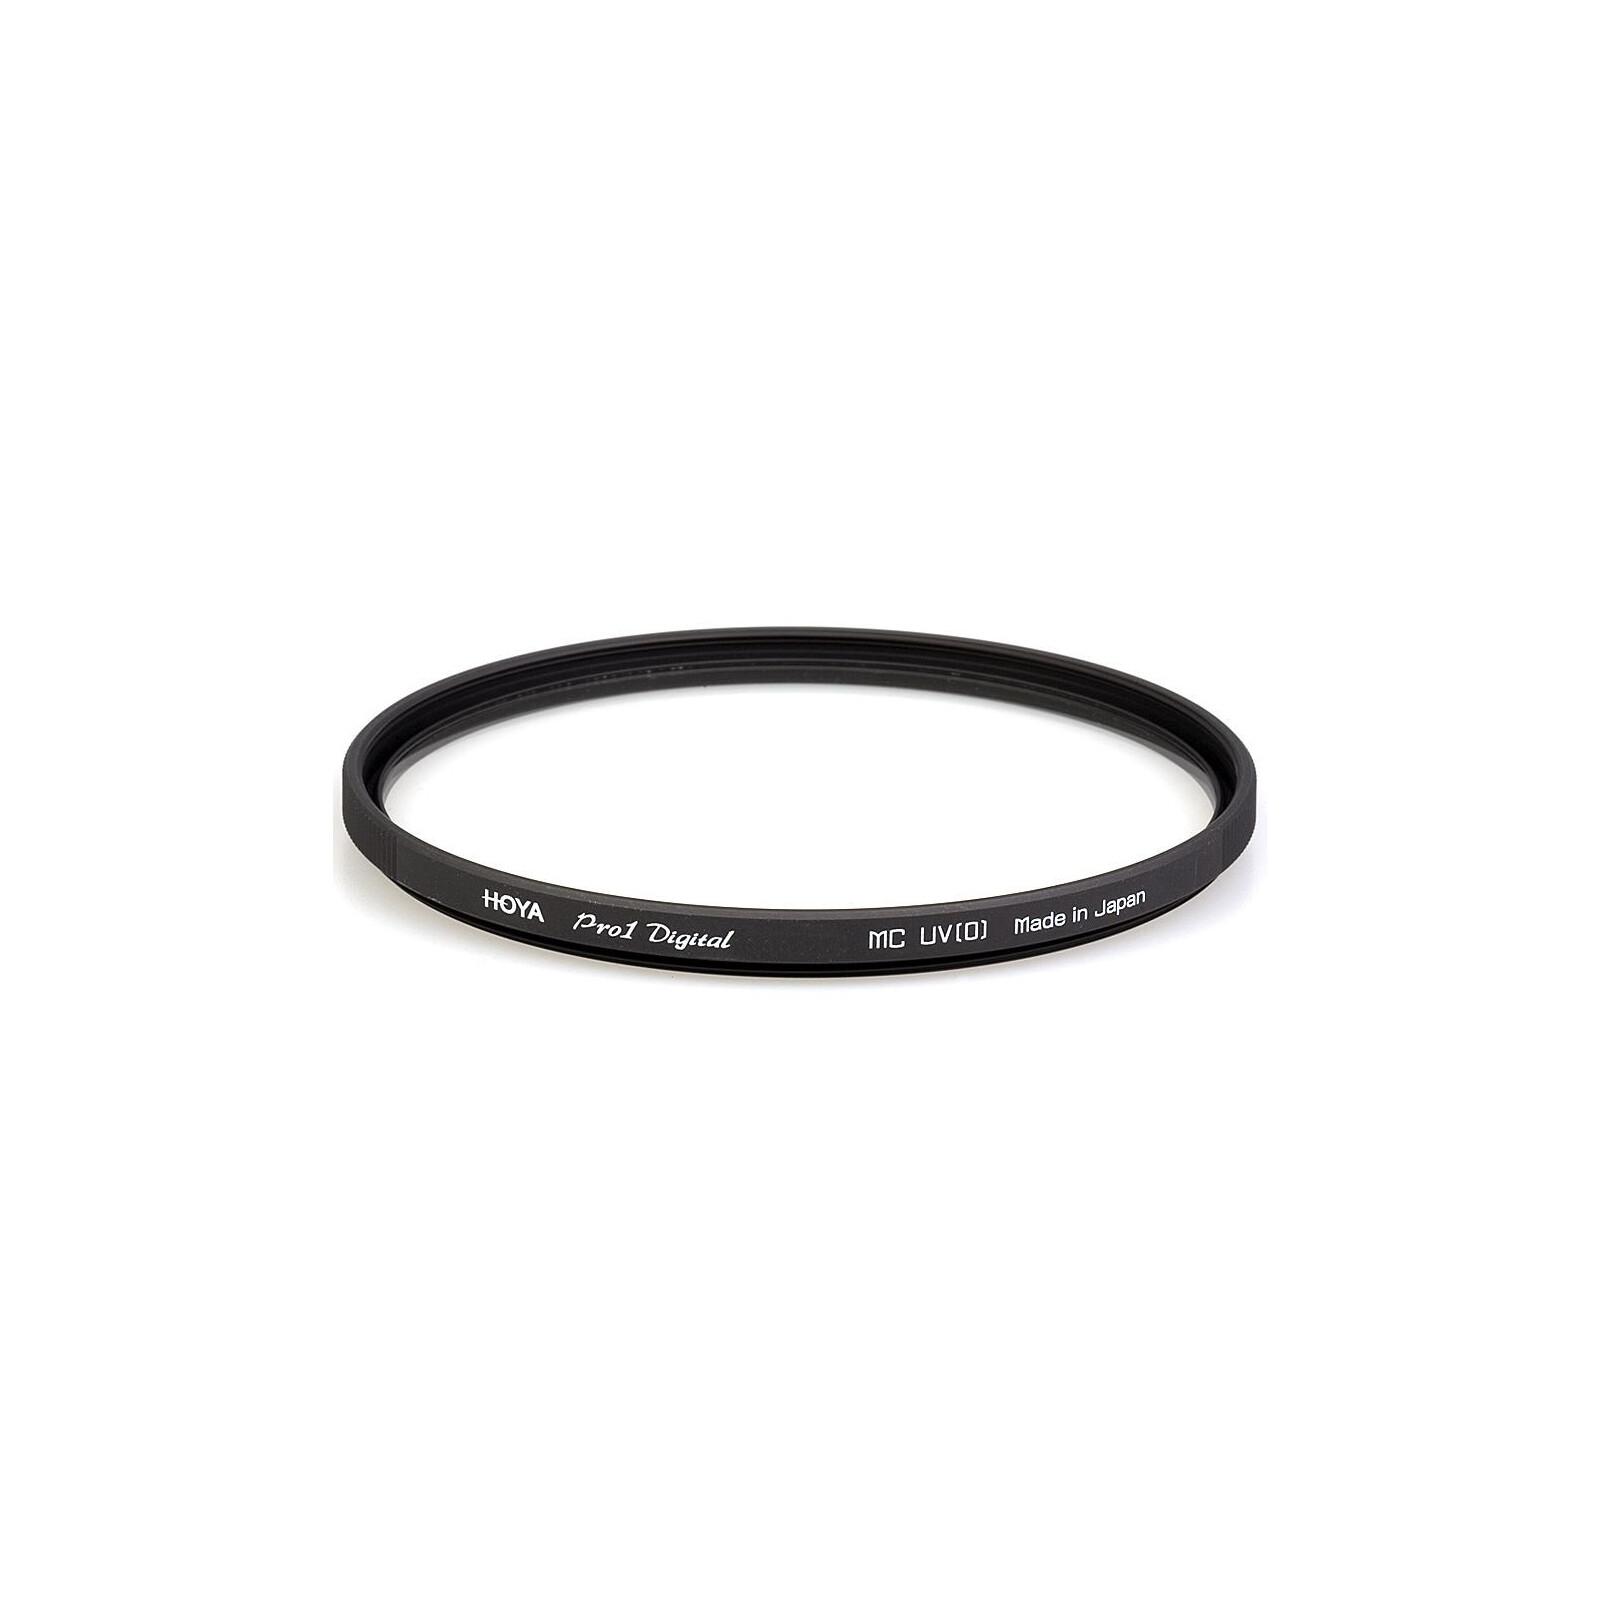 Hoya UV PRO1-DG 37mm